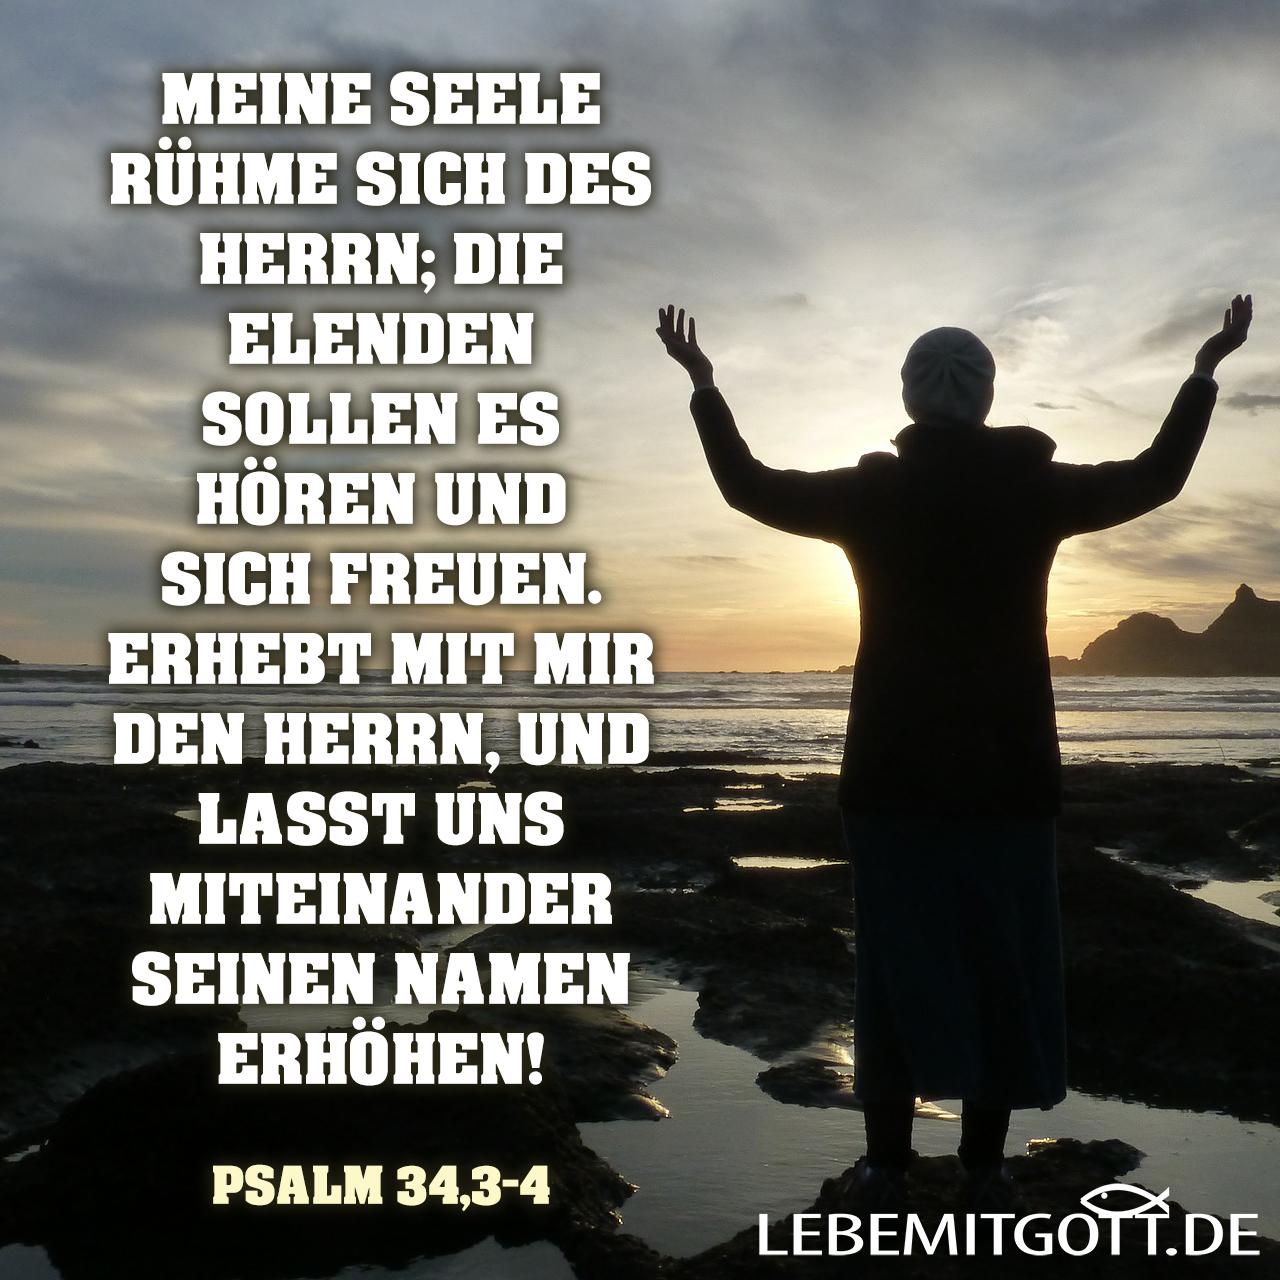 Meine Seele rühme des Herrn!